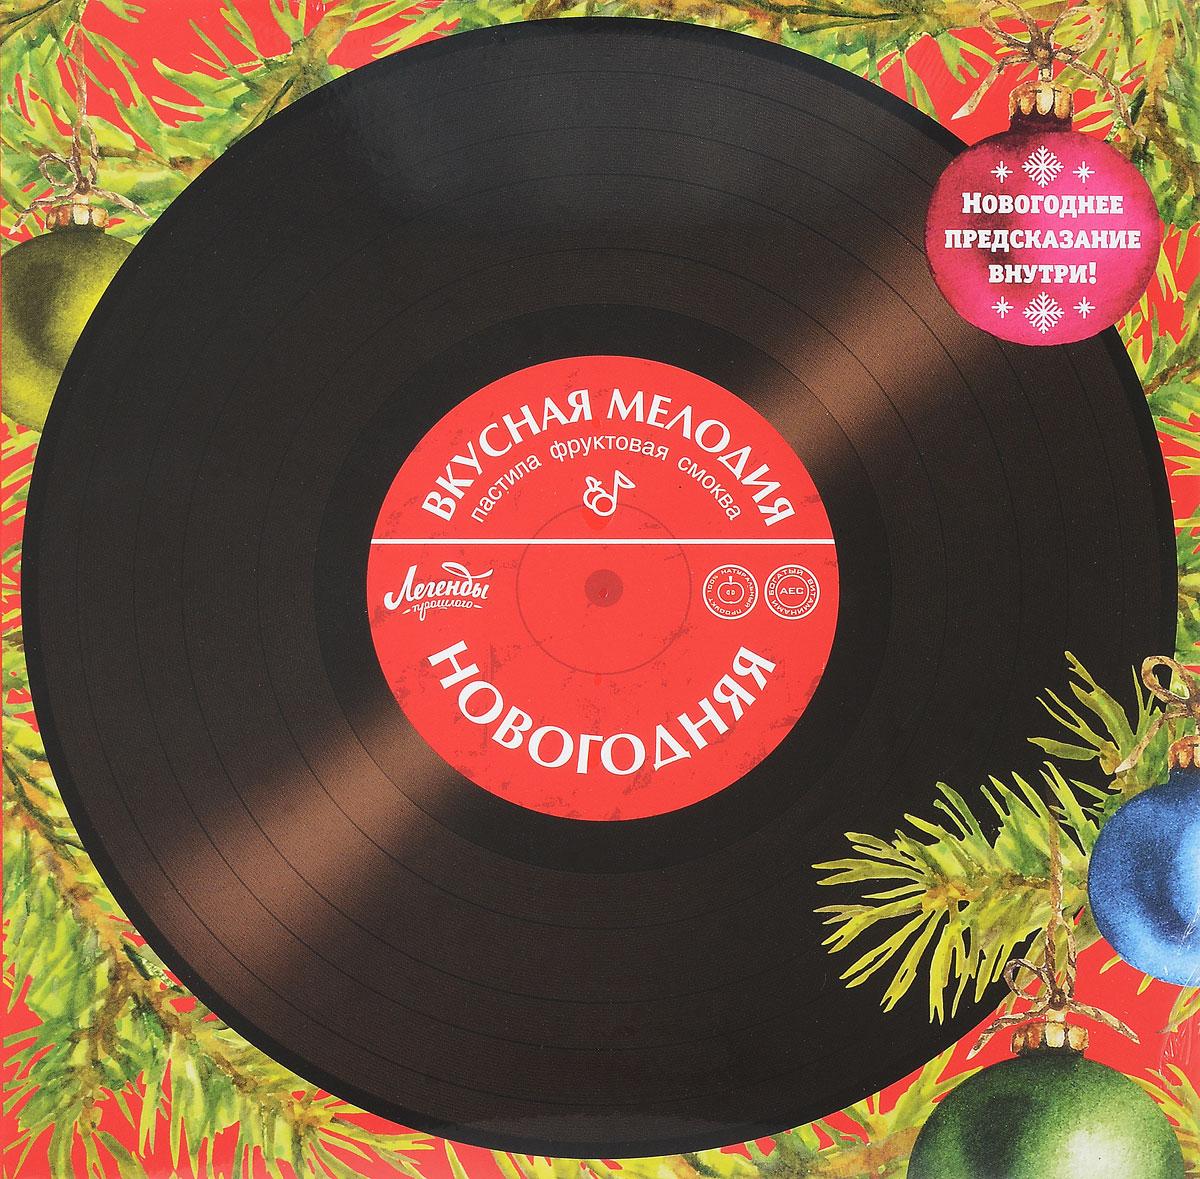 Вкусная помощь Пастила новогодняя Вкусная мелодия яблочная, 100 гУТ-00000994Пастила новогодняя Вкусная помощь Вкусная мелодия - новогодний подарок для ретроманов. Это вкуснейшее и натуральное лакомство. Дизайн - крайне новогодний. Понравится всем! Новогодние предсказания внутри! Заряжайте граммофон!!!